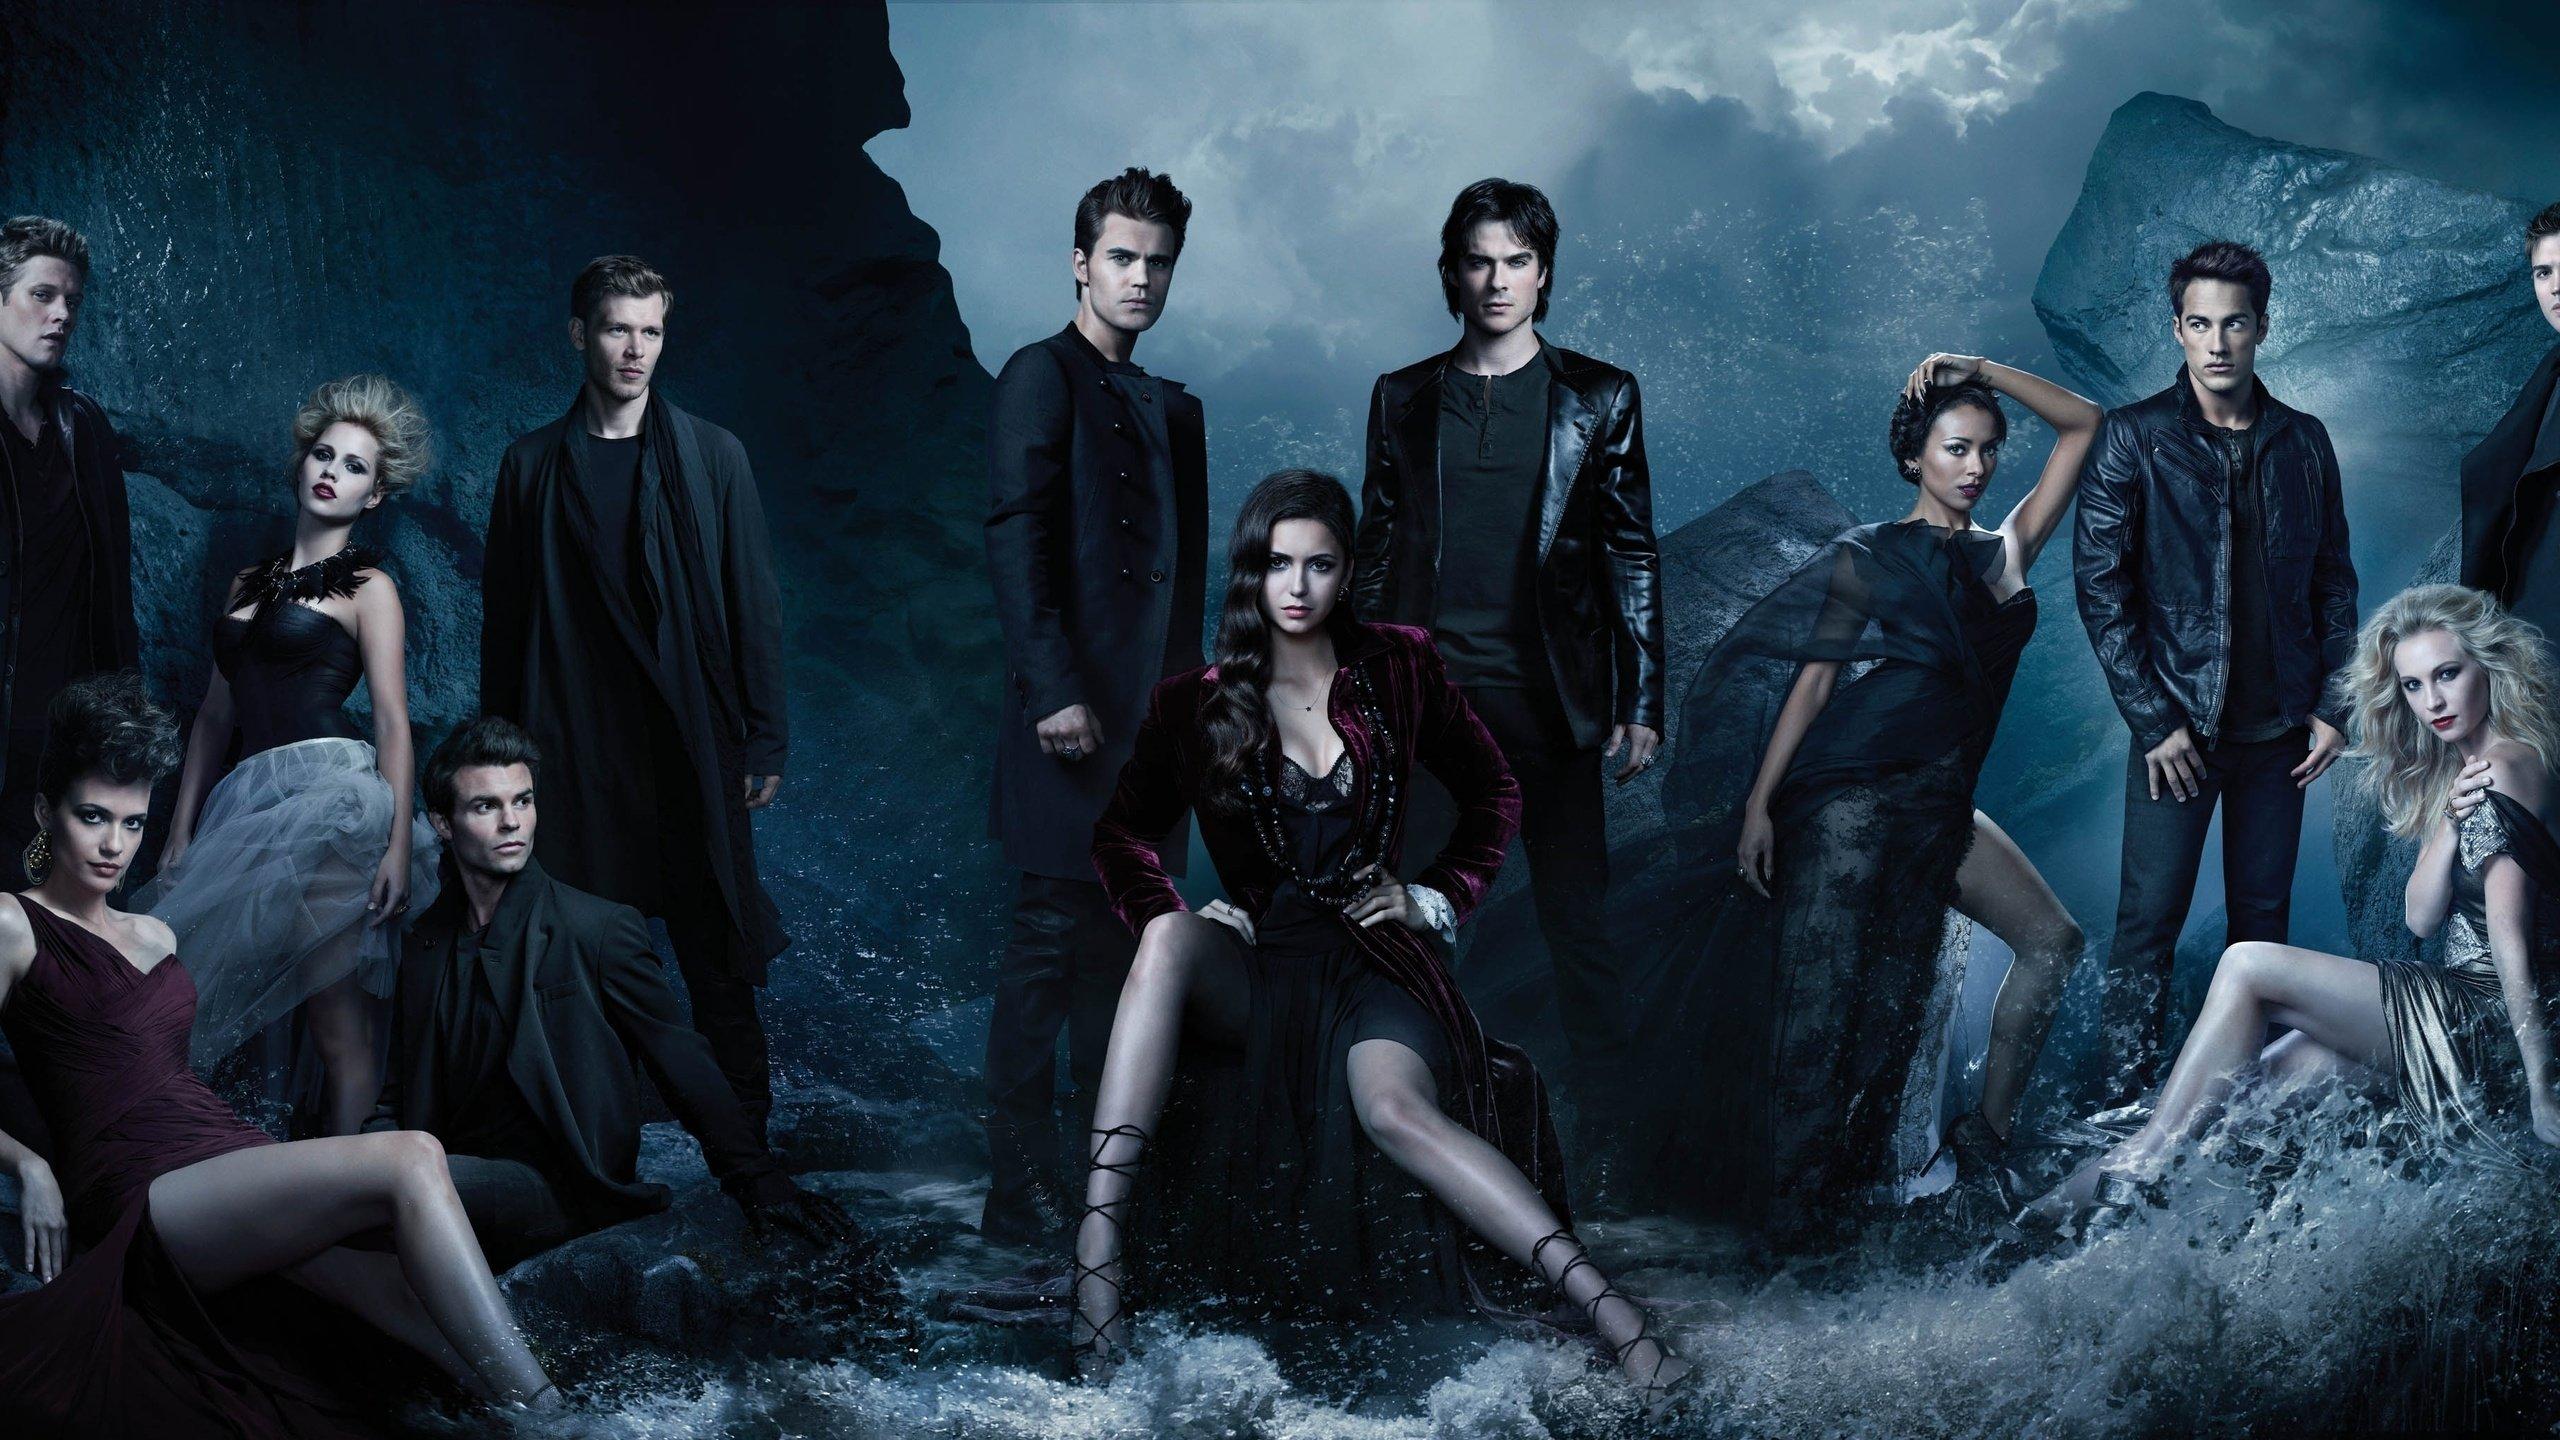 дневники вампира смотреть онлайн 1 серия 5 сезон